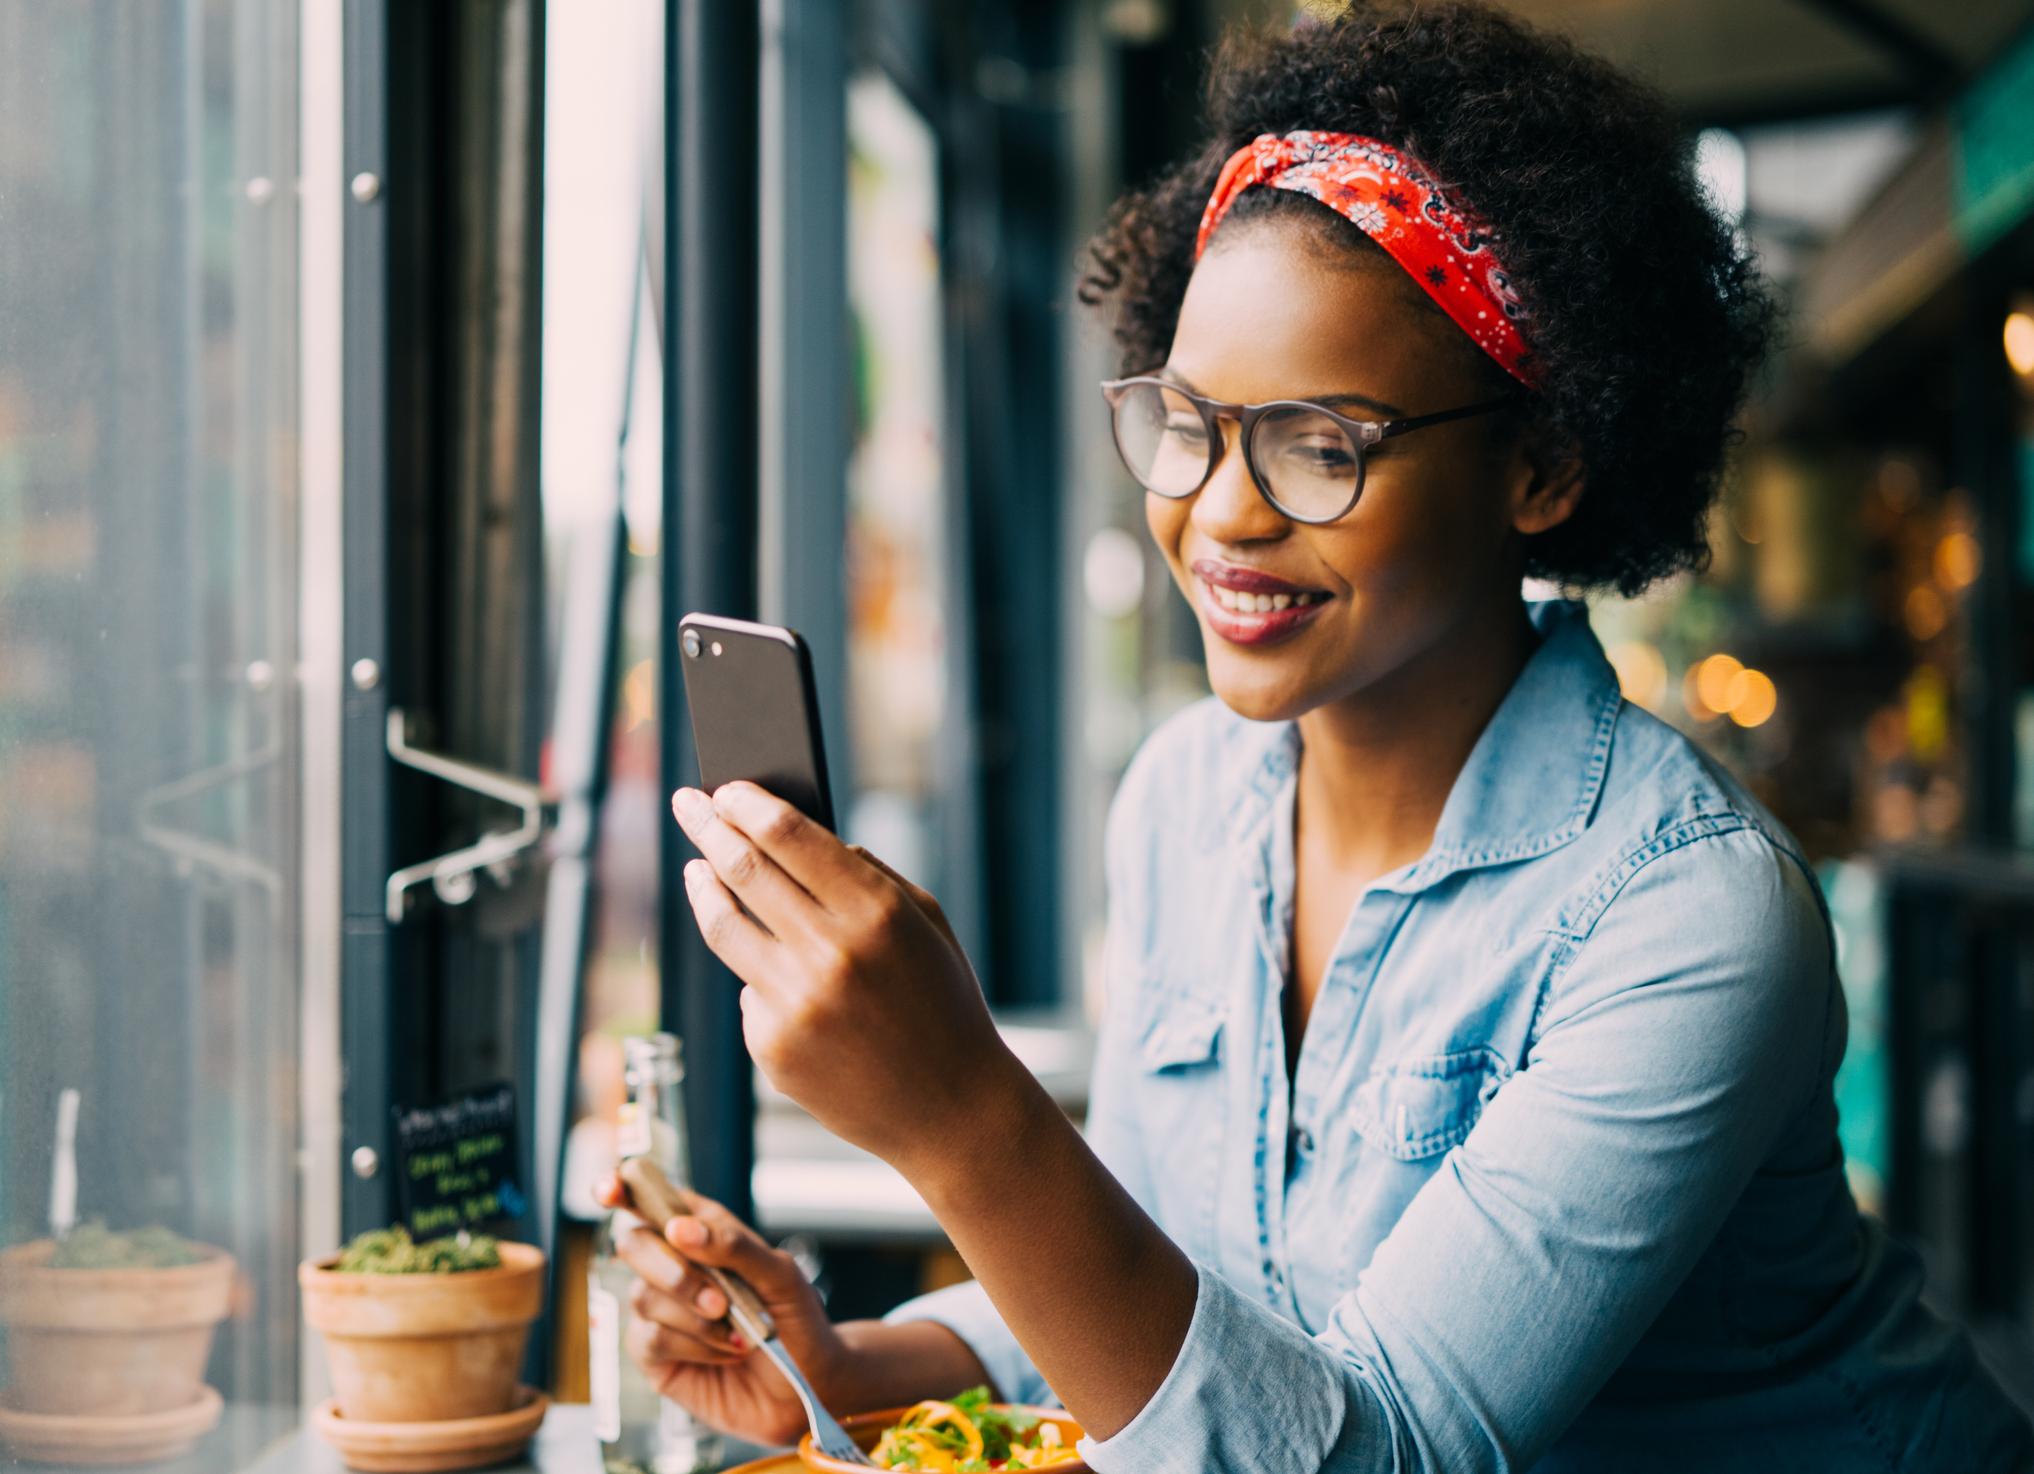 Hábitos diários para reduzir linhas de expressão - usar óculos